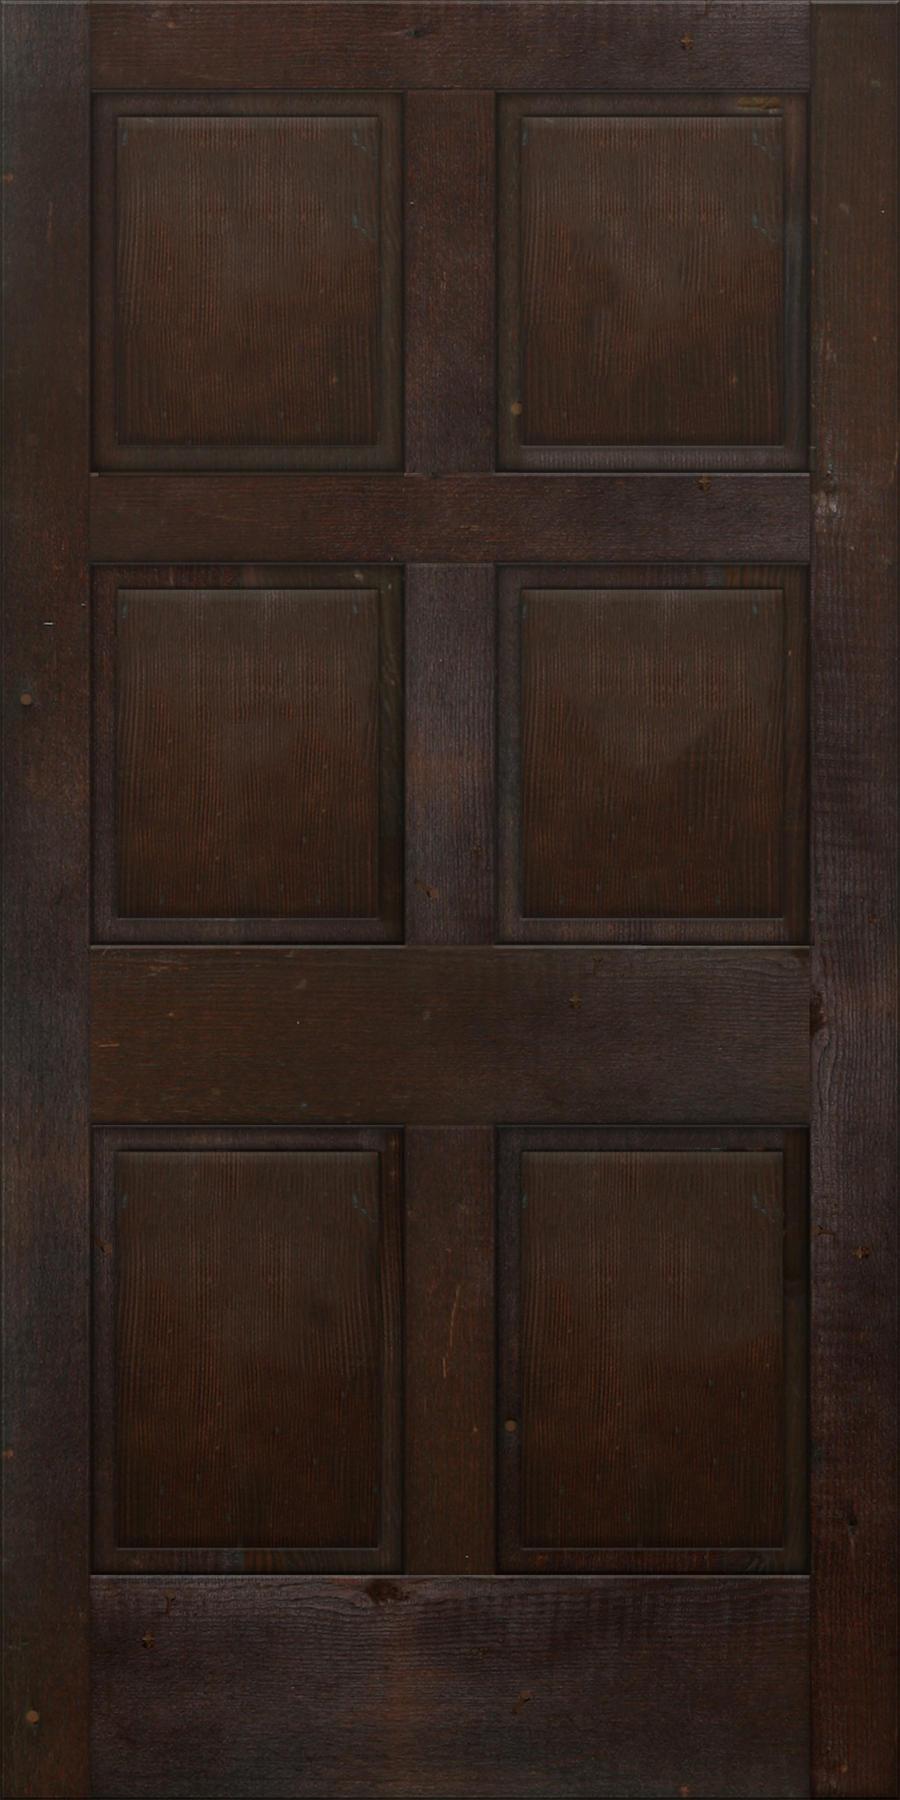 ... textures wood 2011 2015 ancientorange wooden door texture since it is